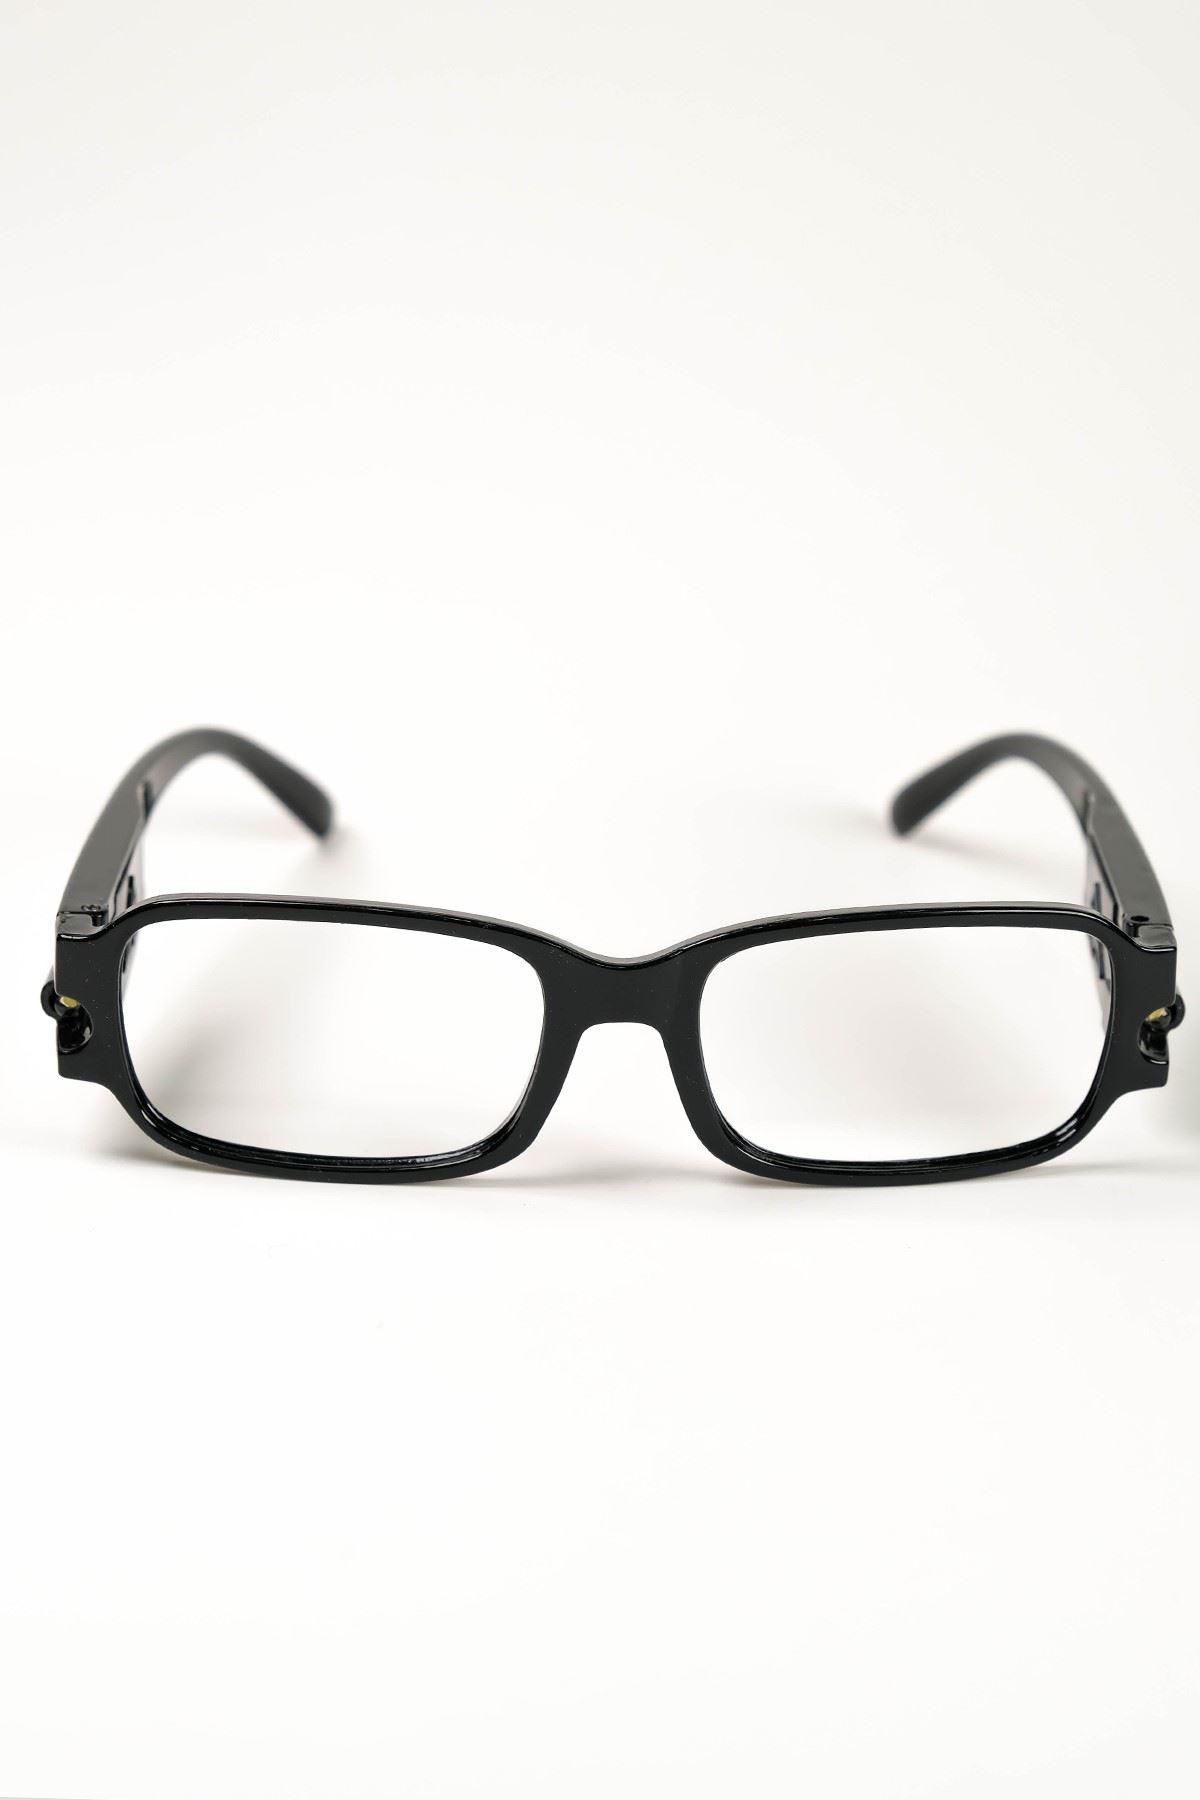 Işıklı Gözlük Siyah - 4892.1342.